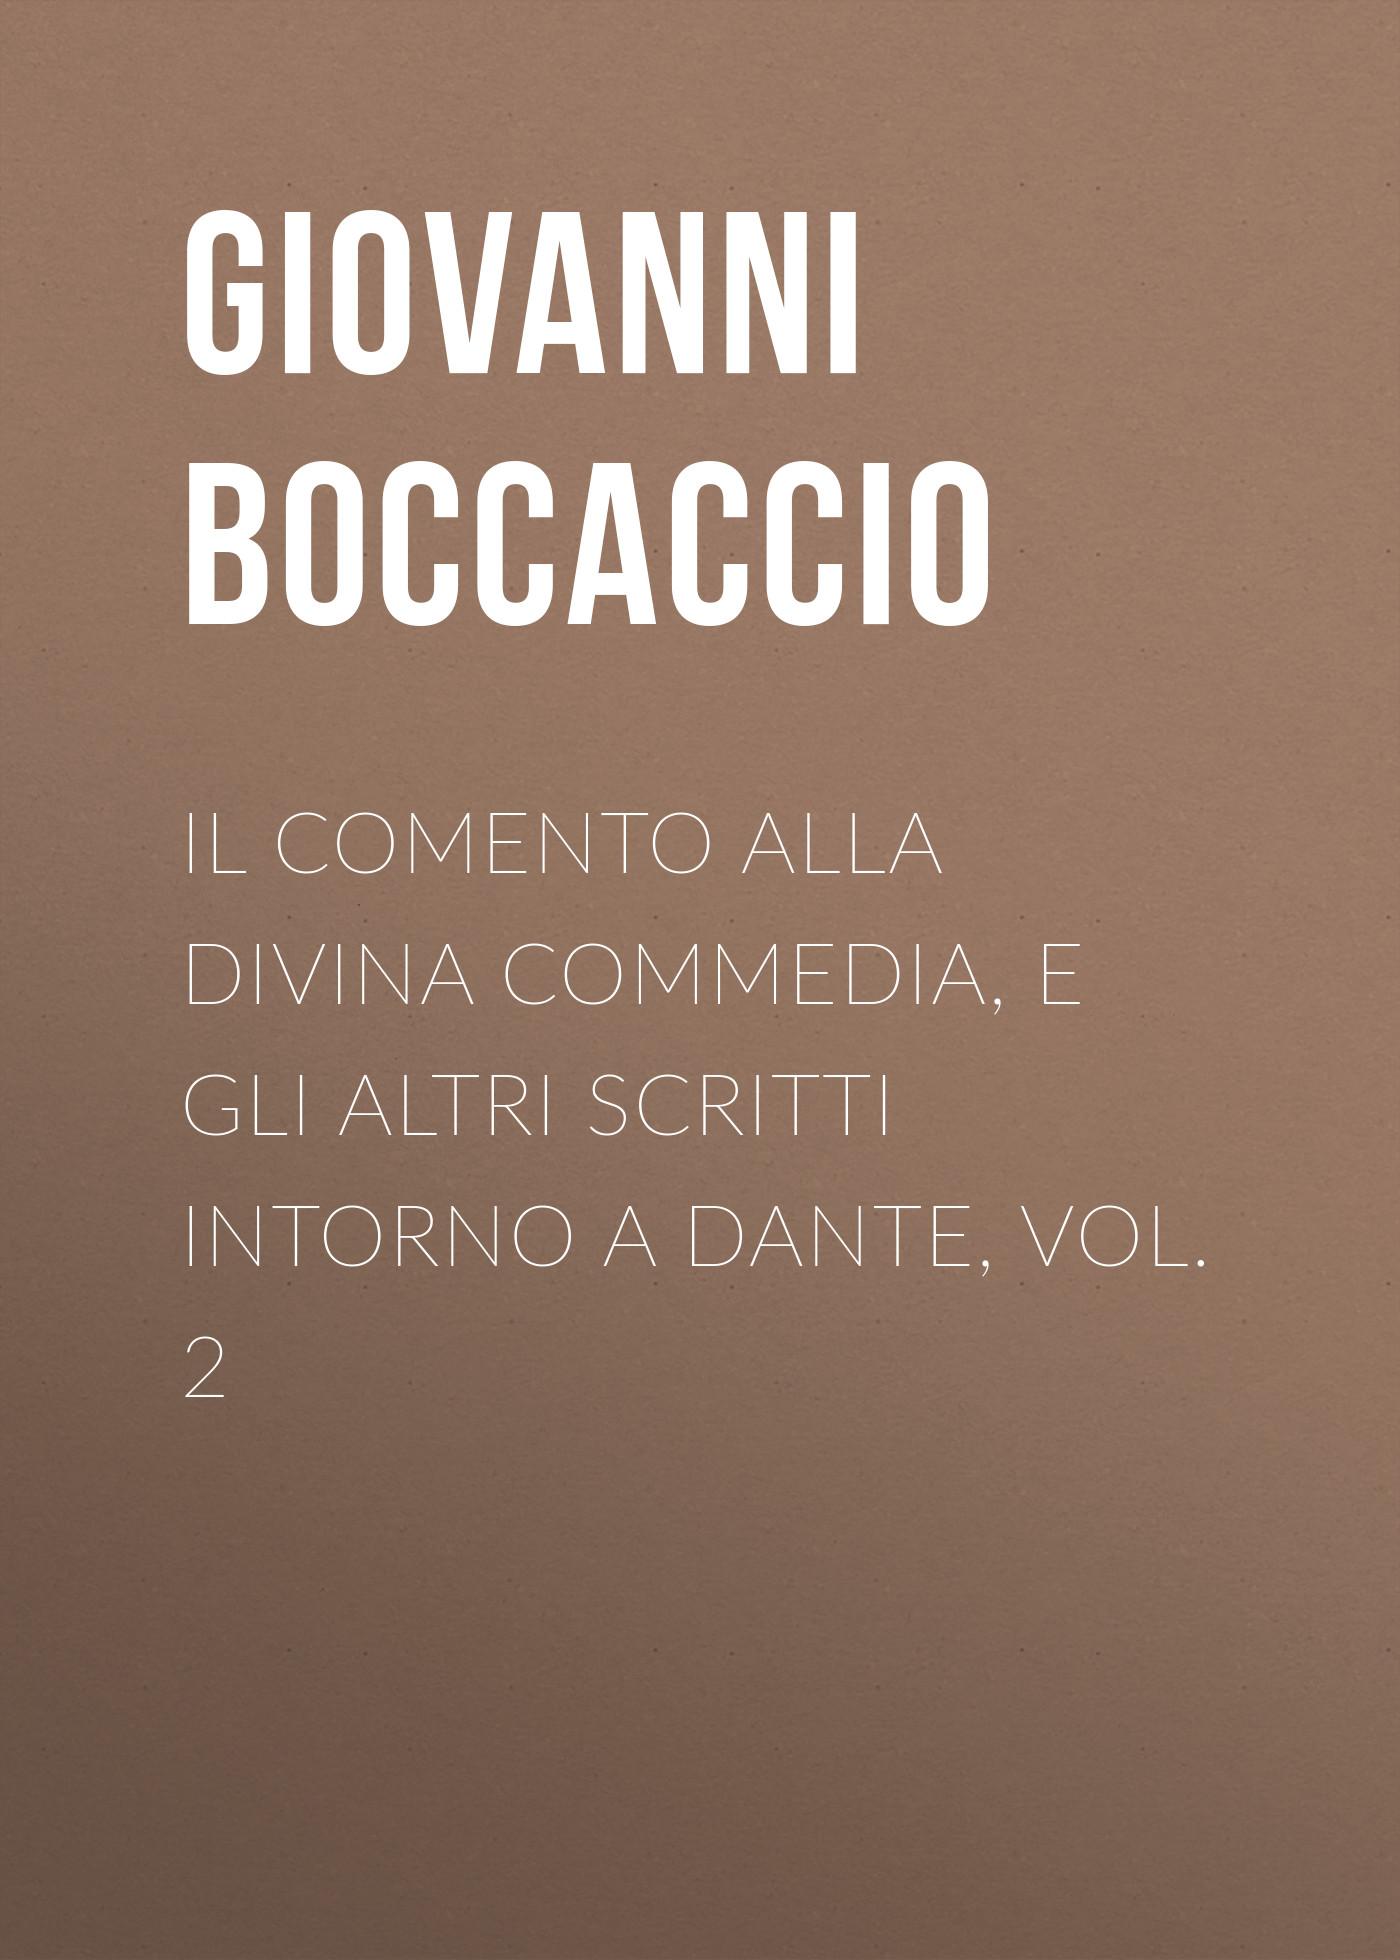 Джованни Боккаччо Il Comento alla Divina Commedia, e gli altri scritti intorno a Dante, vol. 2 e werner under a charm vol i